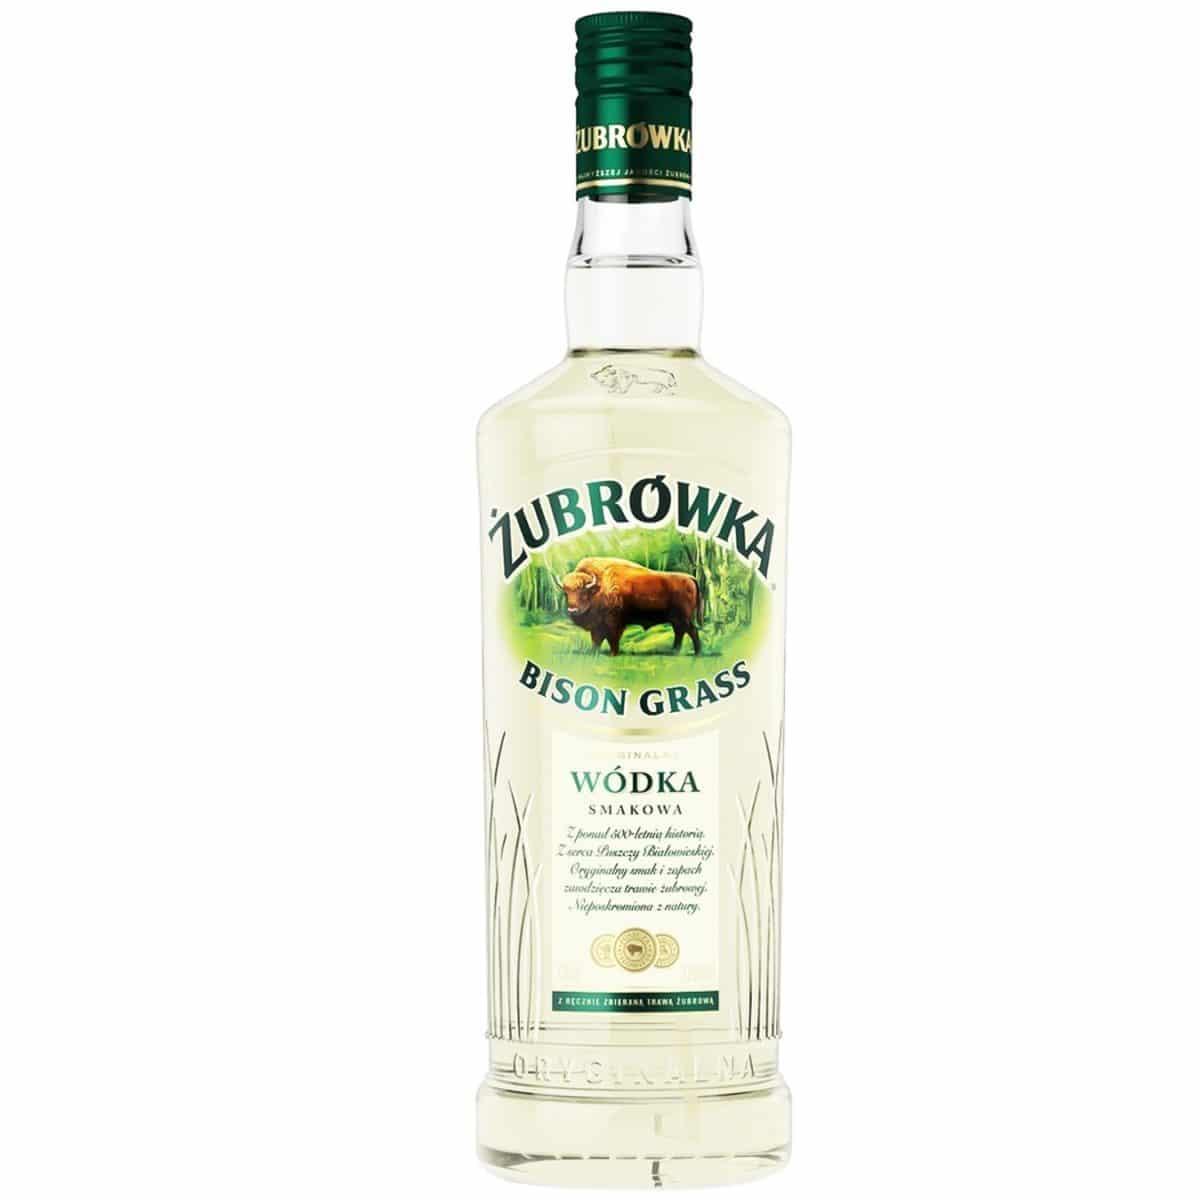 bison grass vodka image